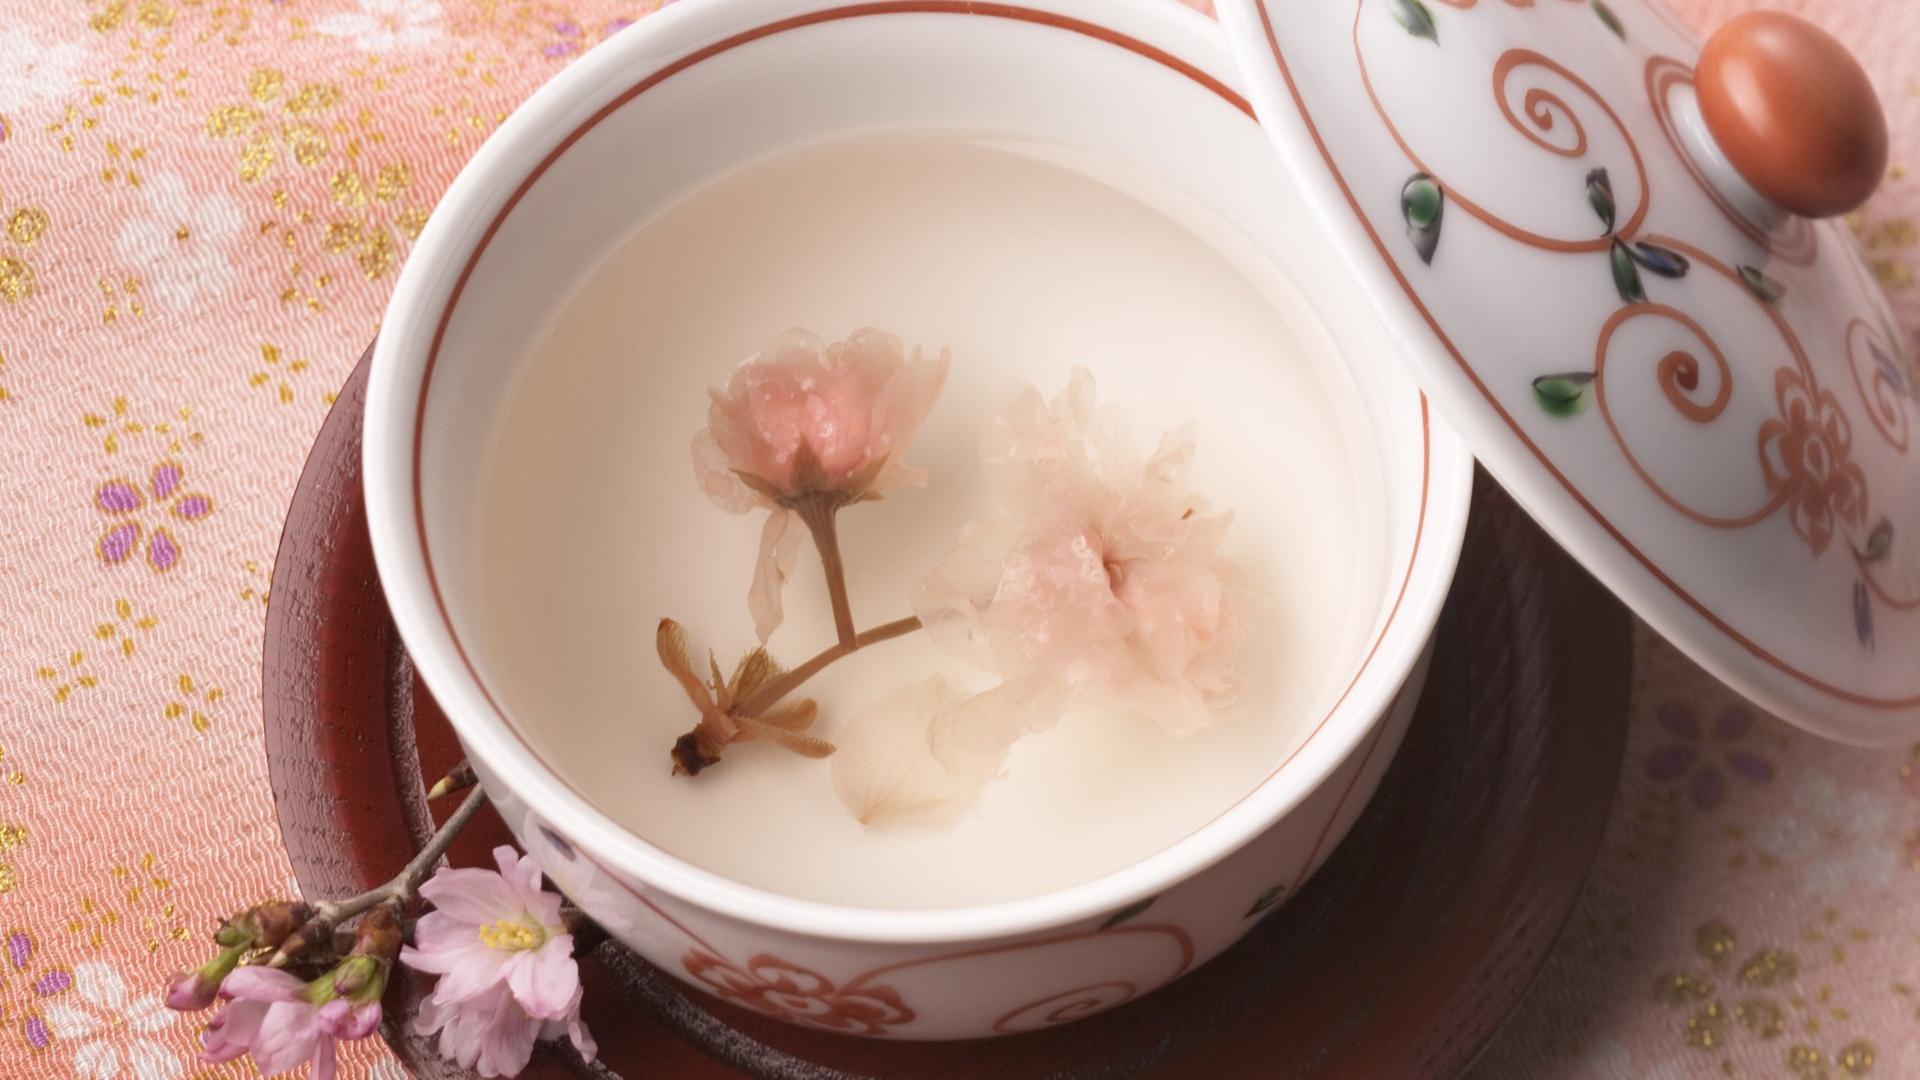 как убрать китайский запах с сувениров